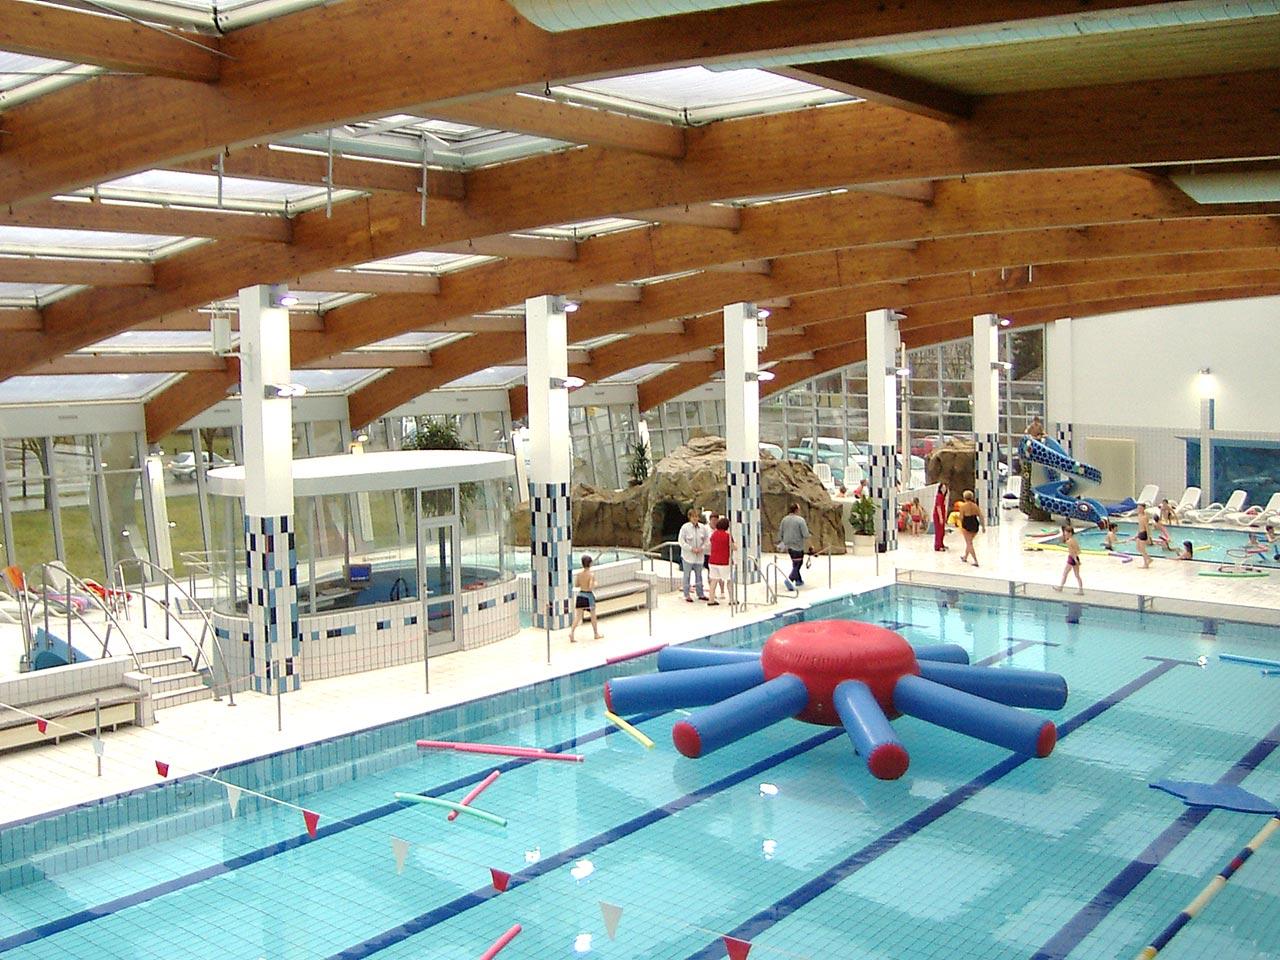 Wittenberge Schwimmhalle